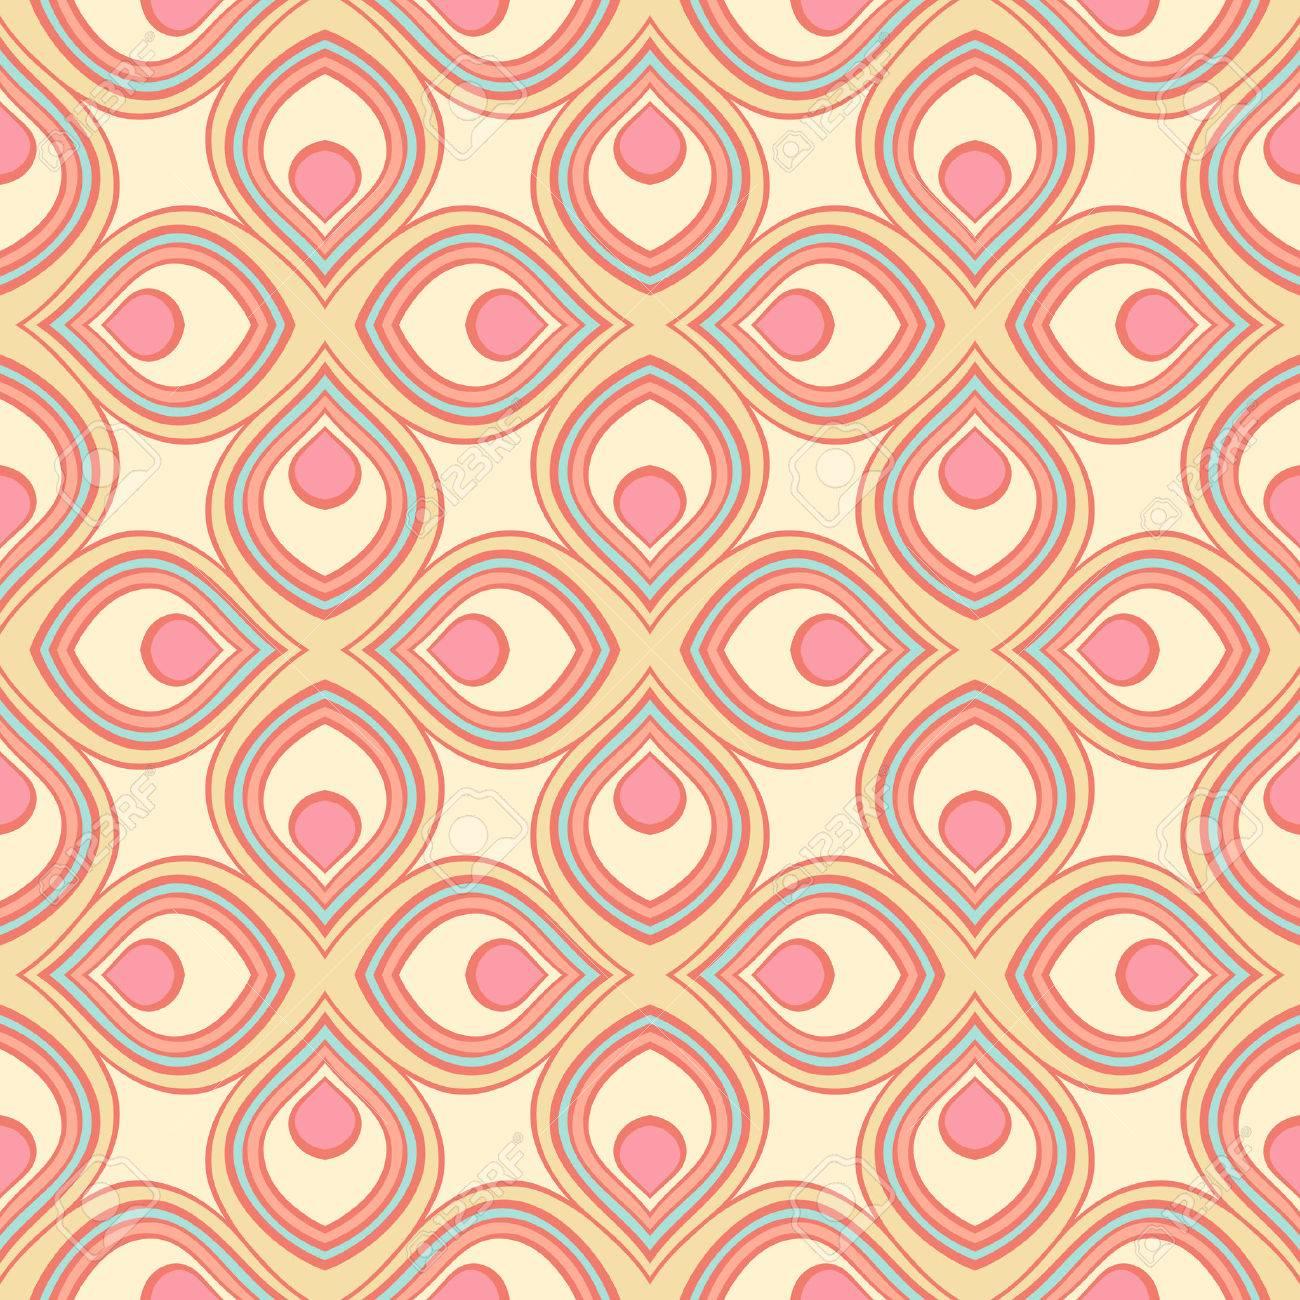 beautiful retro geometric pattern with pink and yellow stylized petals - 25252967